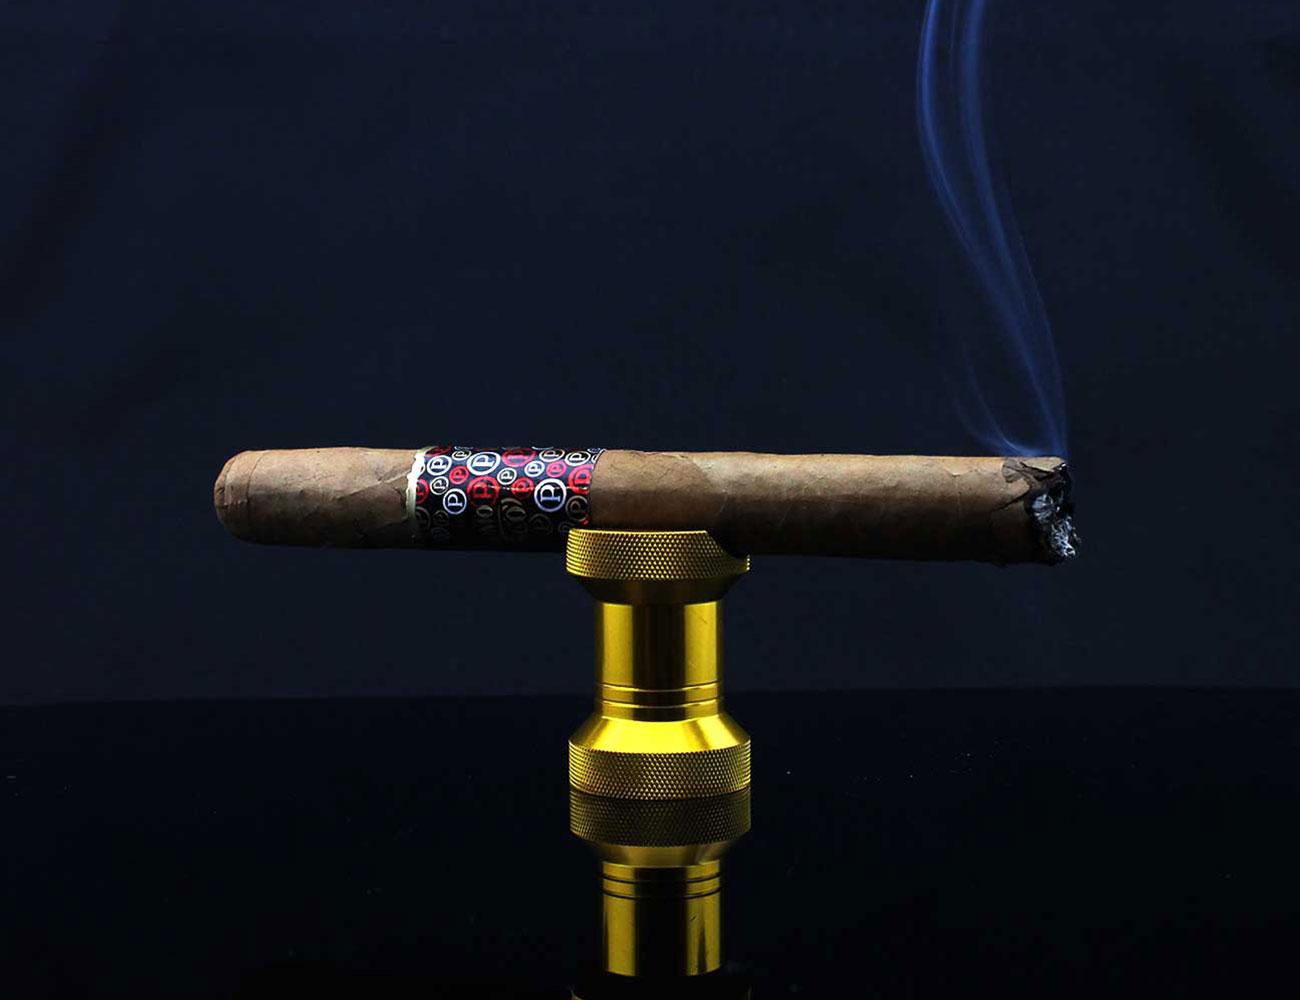 Fanelli+Cigar+Rest+And+Bottle+Opener